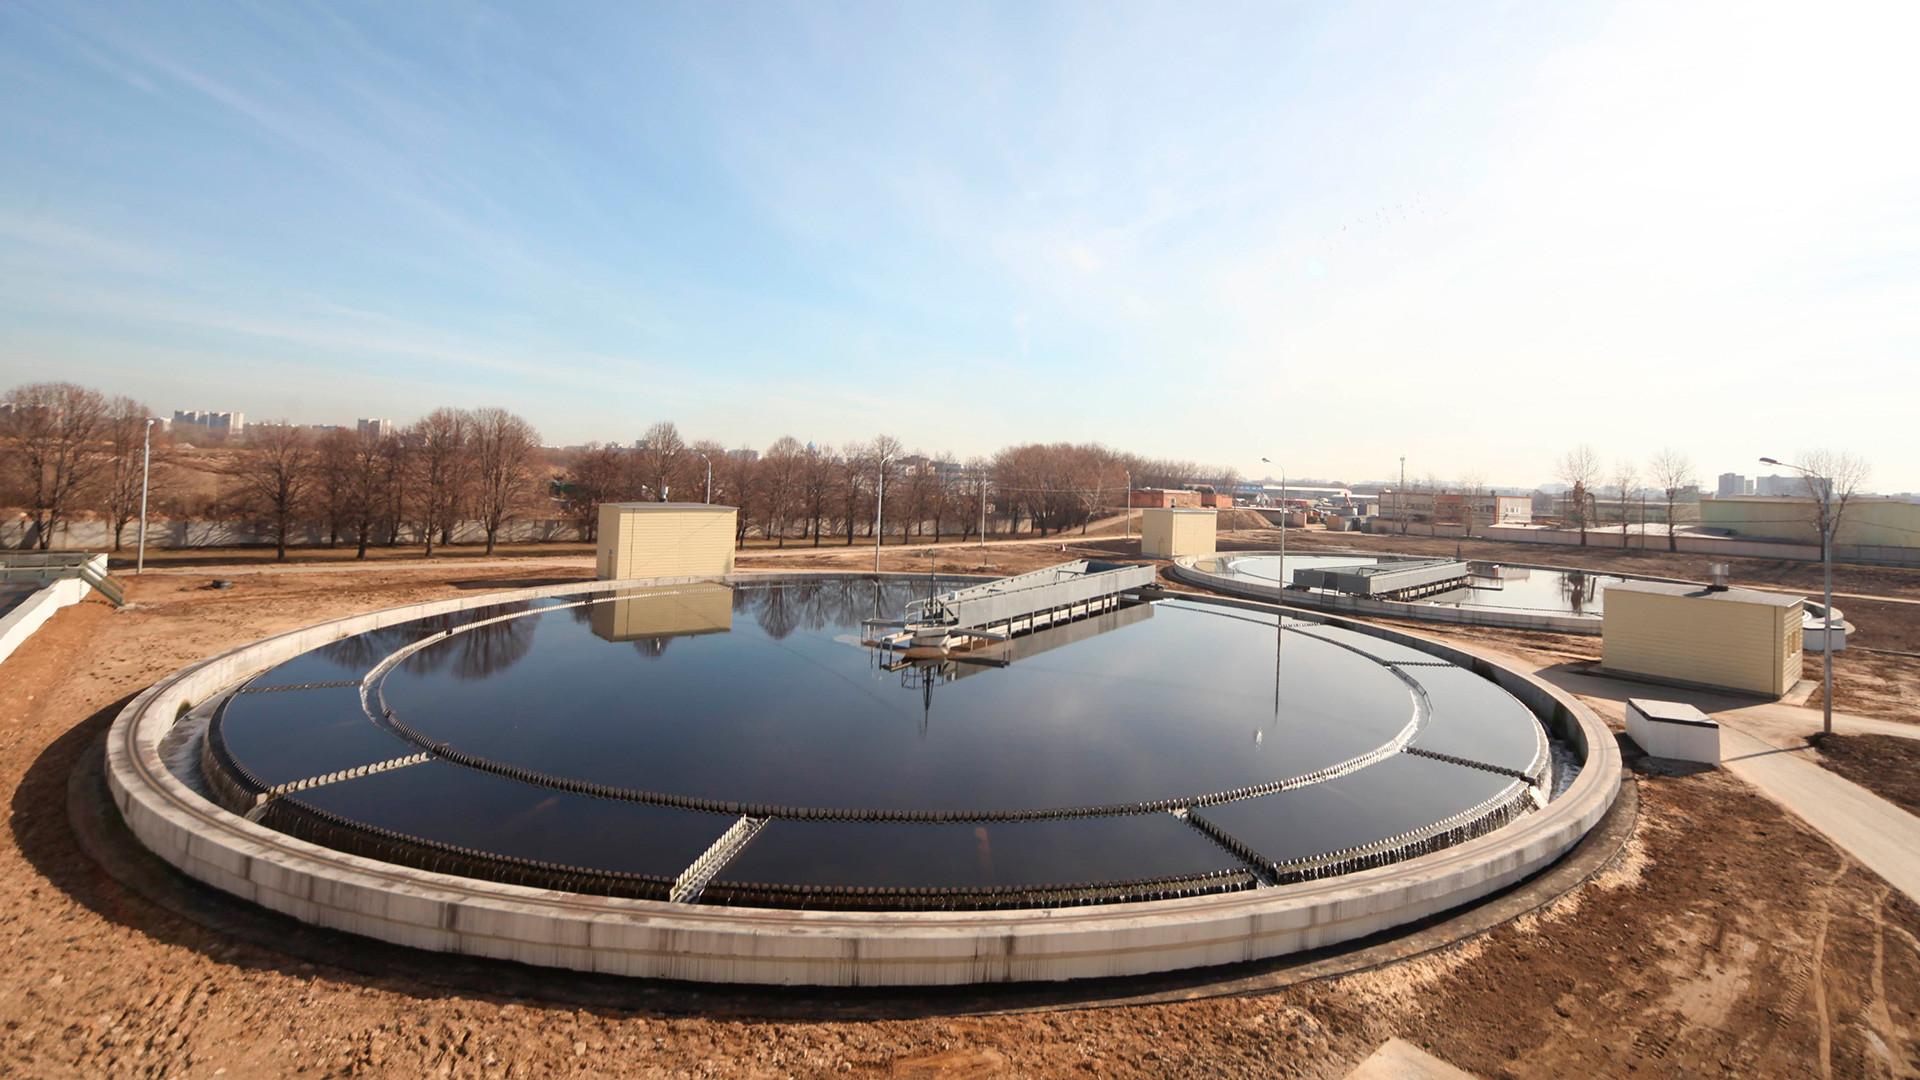 Estação de tratamento de água em Moscou